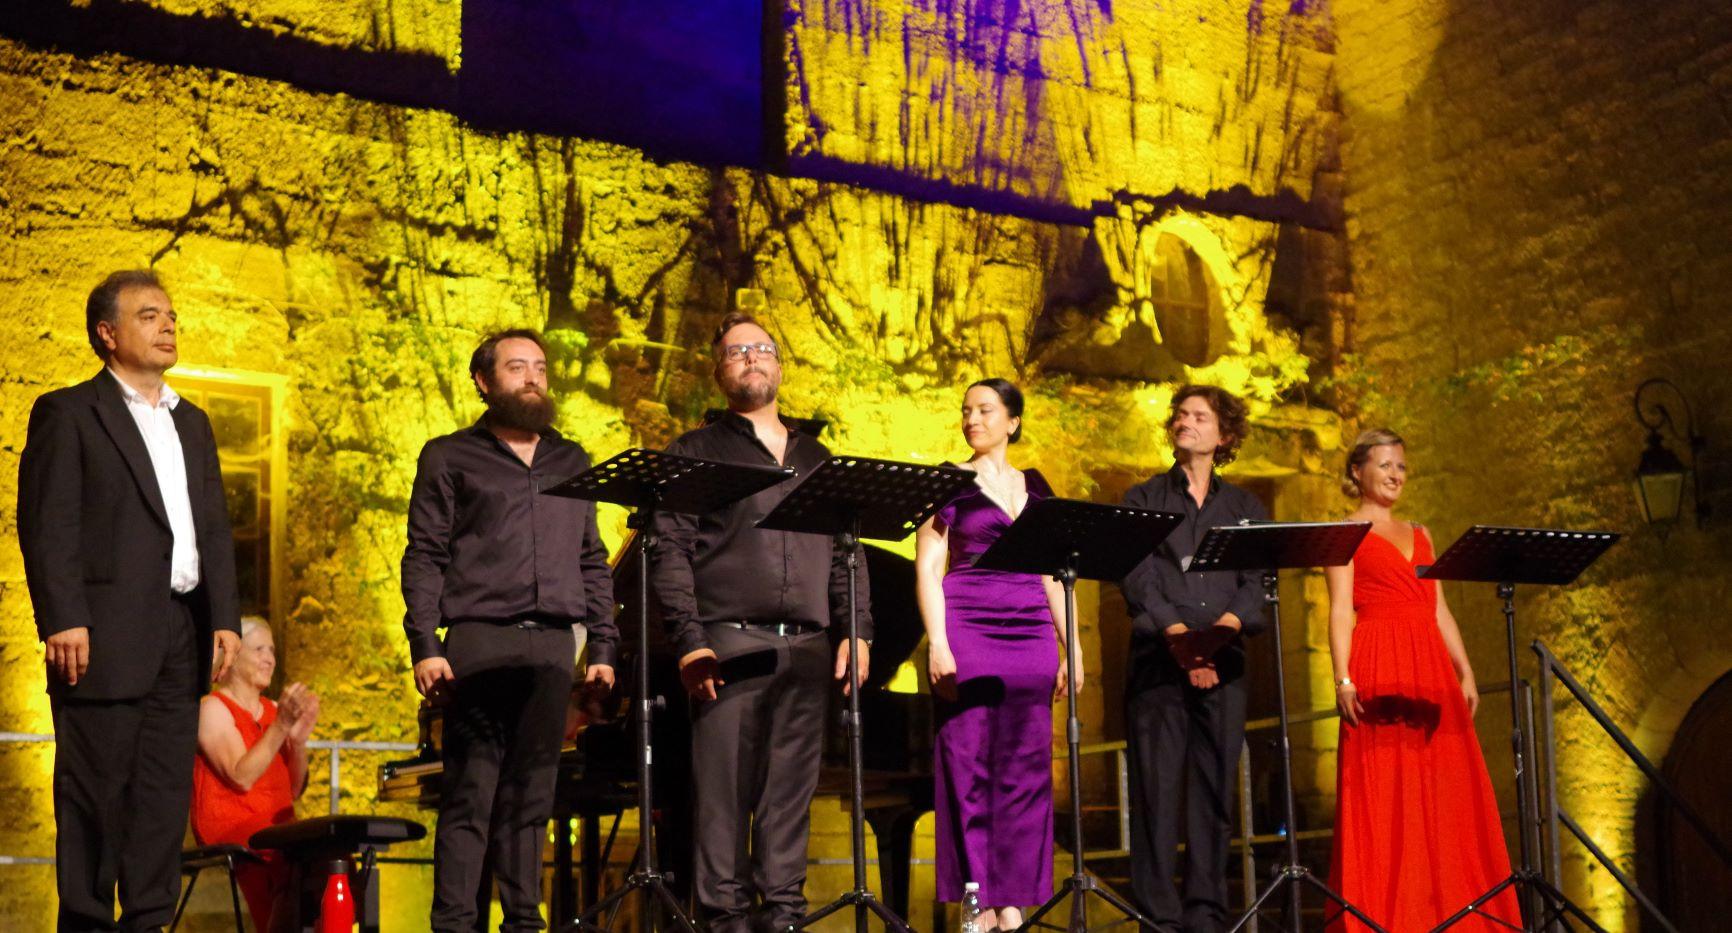 Festival Déodat de Séverac Ensemble Tare